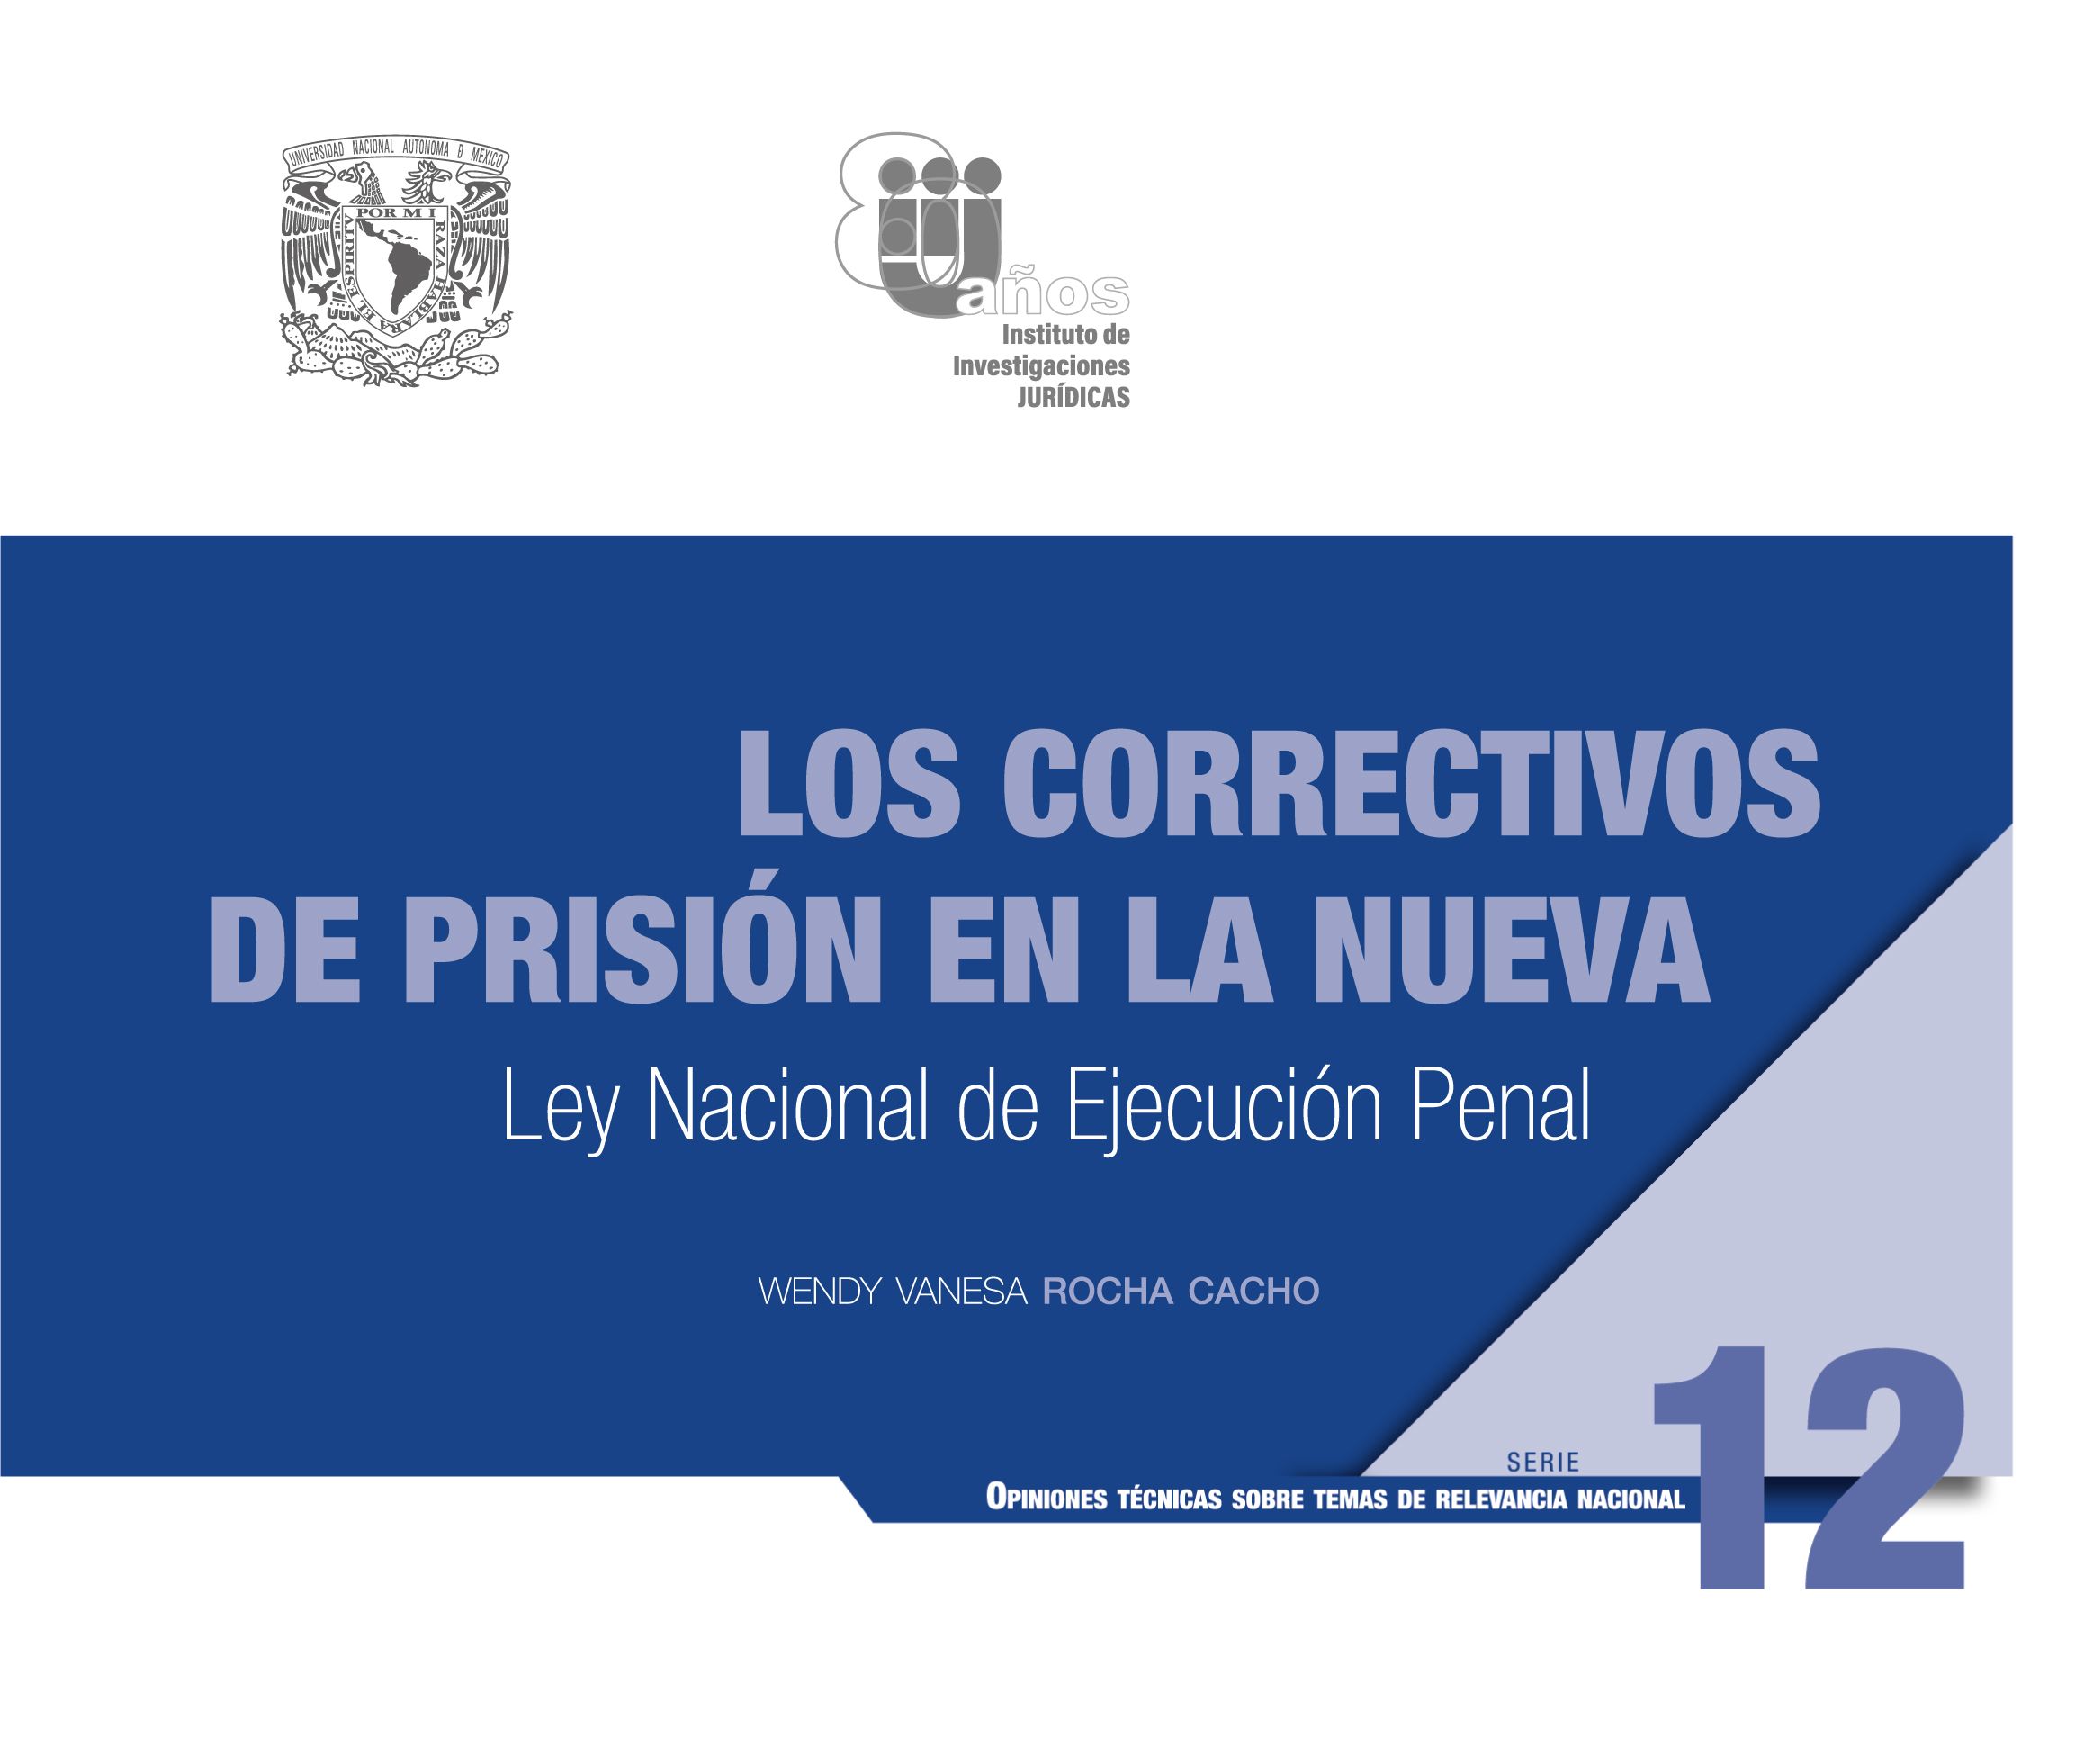 Los correctivos de prisión en la nueva Ley Nacional de Ejecución Penal. Serie Opiniones Técnicas sobre Temas de Relevancia Nacional, núm. 12